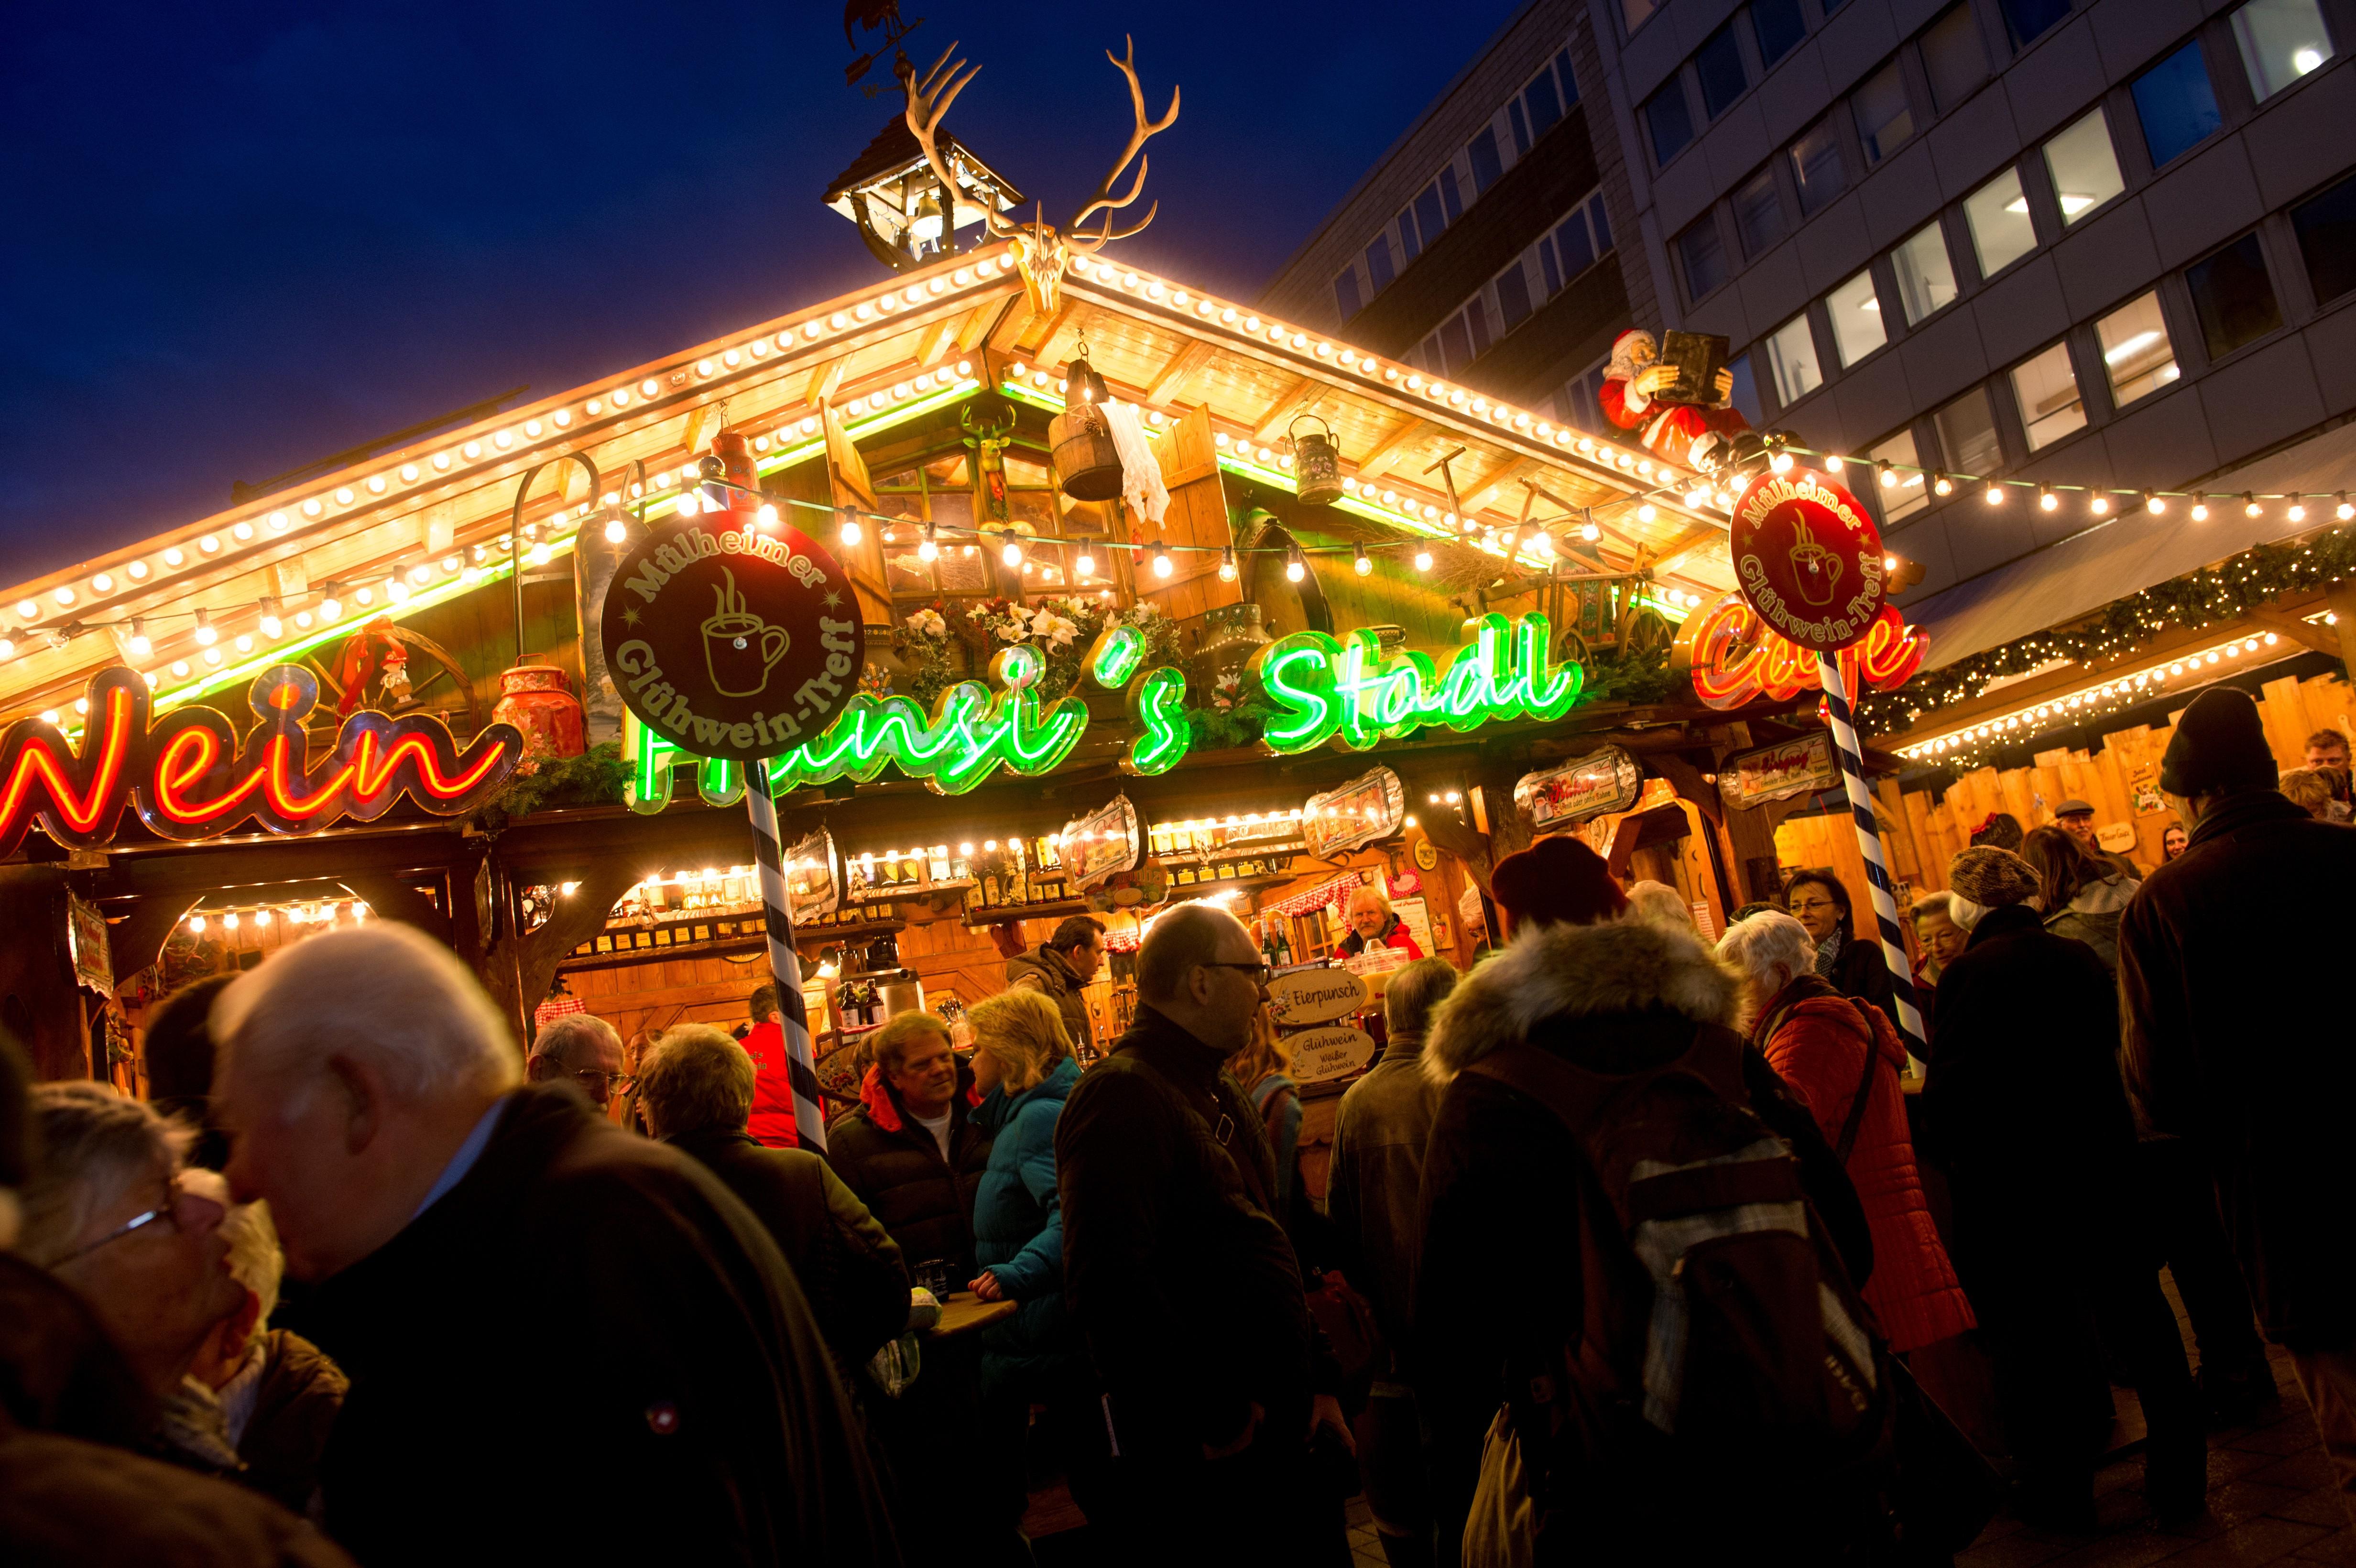 Weihnachts-Treff 2015 - Tag der Eröffnung, 23. November 2015 - am Synagogenplatz in der Innenstadt